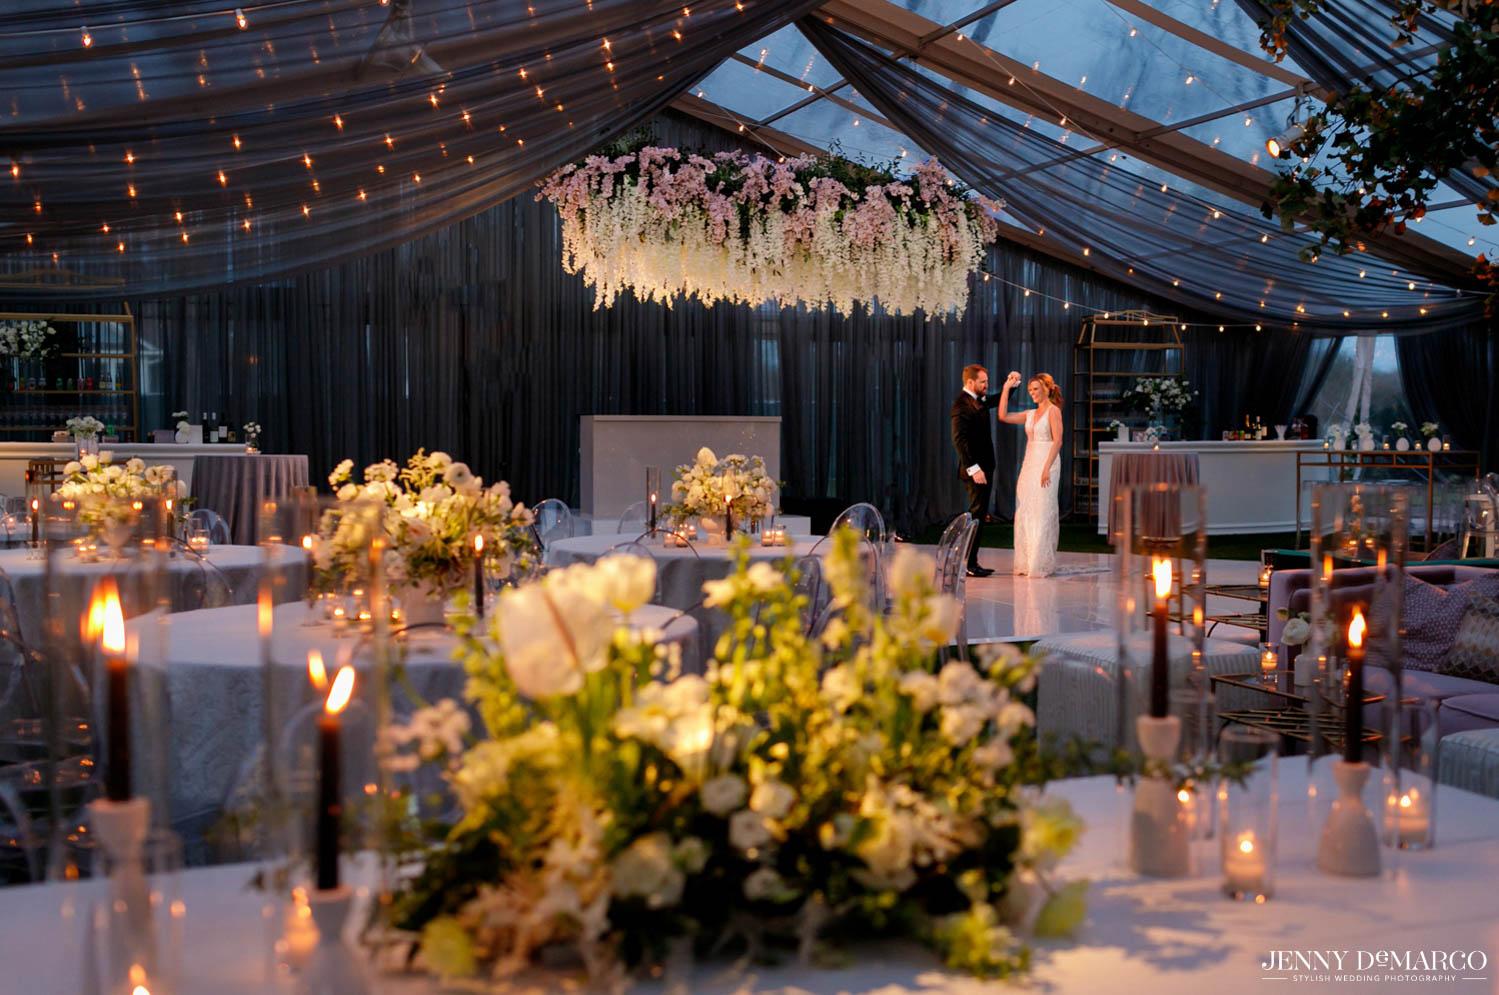 bride and groom dancing in center of dance floor